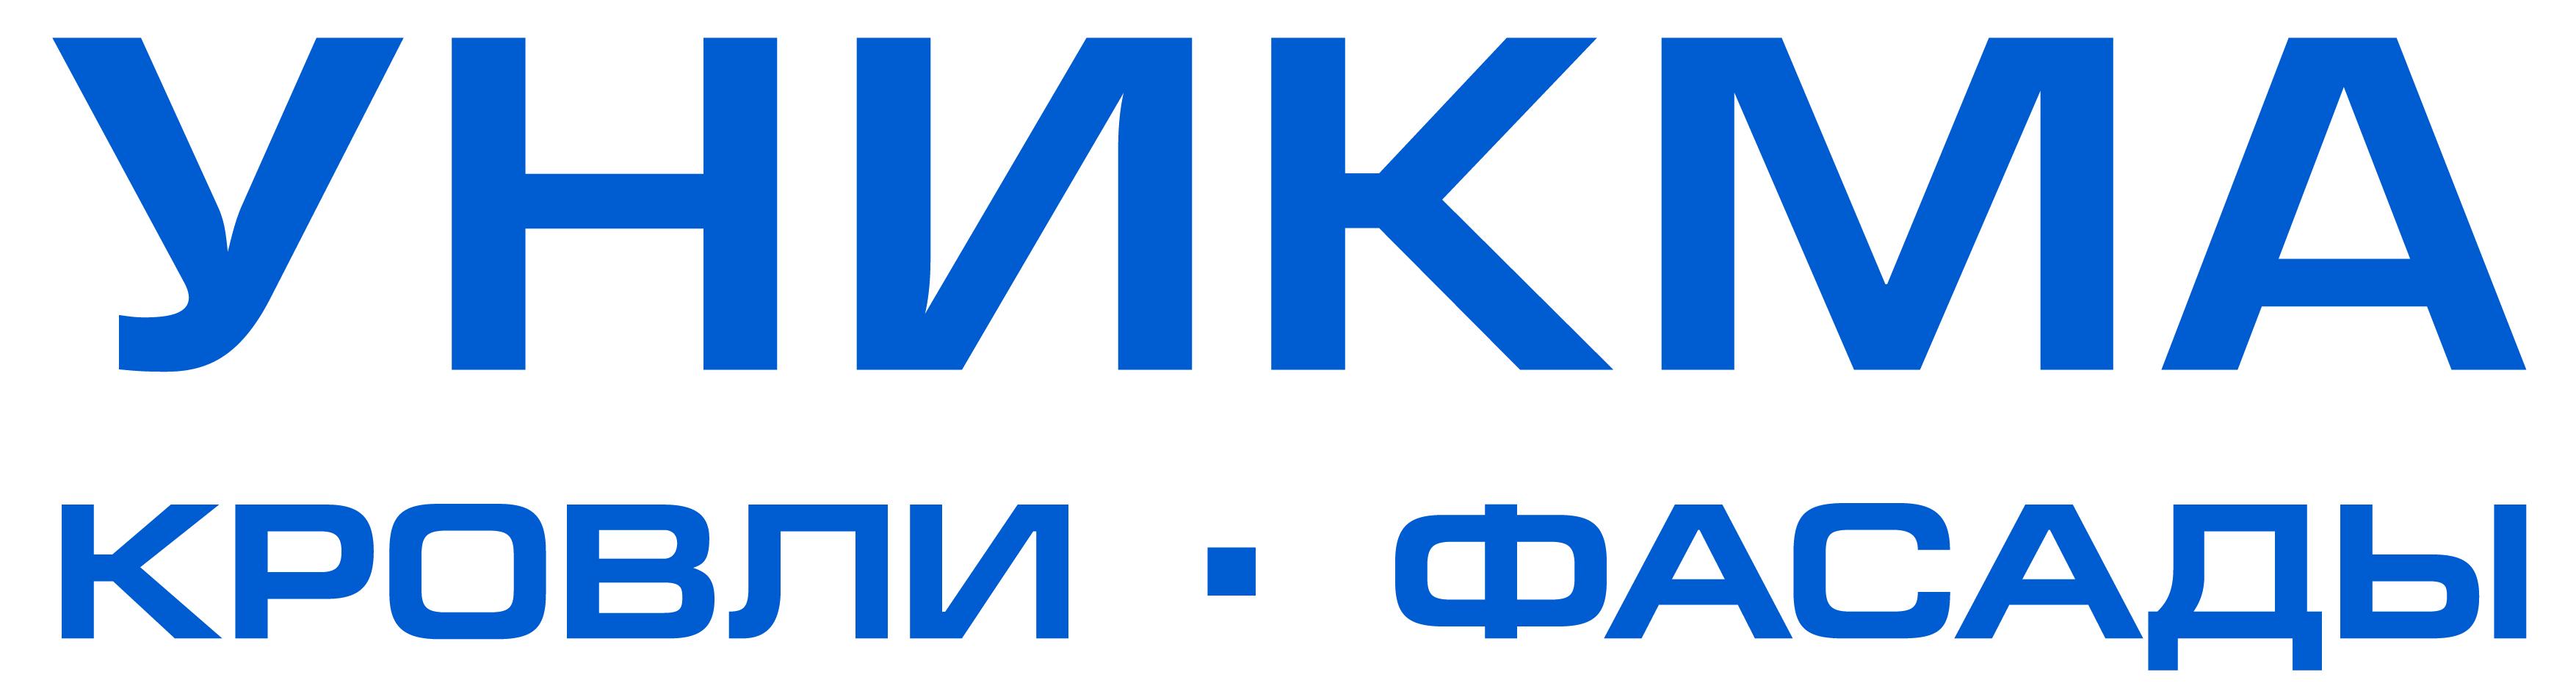 logo-BLUE-Ki-F